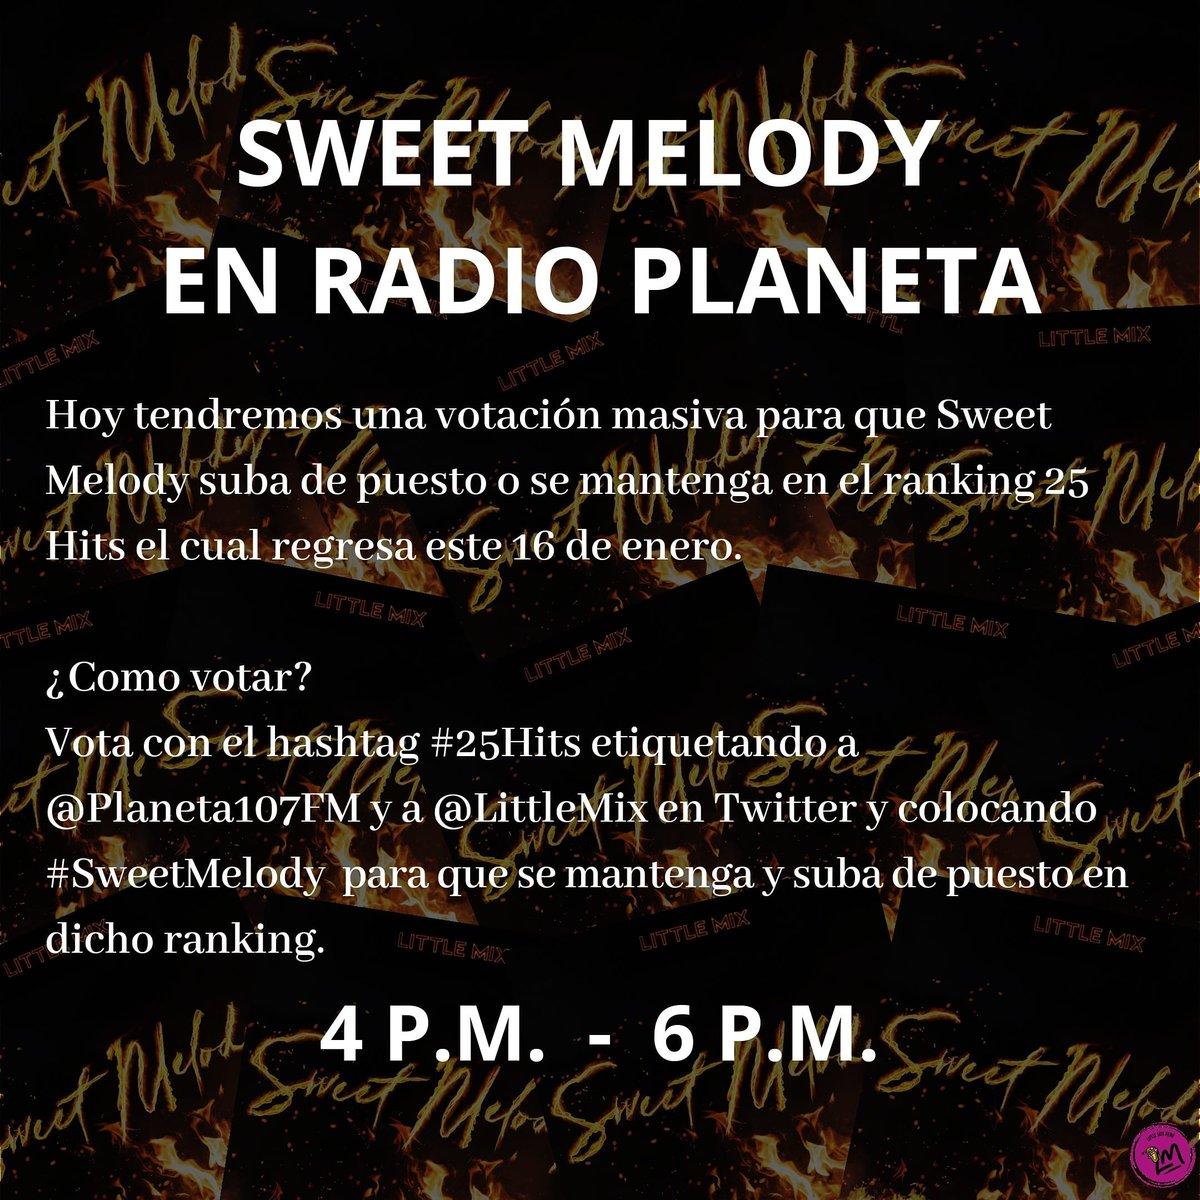 EMPEZAMOS CON LA VOTACIÓN MASIVA PARA QUE SWEET MELODY SE MANTENGA EN LOS #25HITS   Hola @Planeta107FM! Quisiera dejar mi voto para que #SweetMelody de @LittleMix suba de puesto y se mantenga en los #25Hits. Gracias 🧡